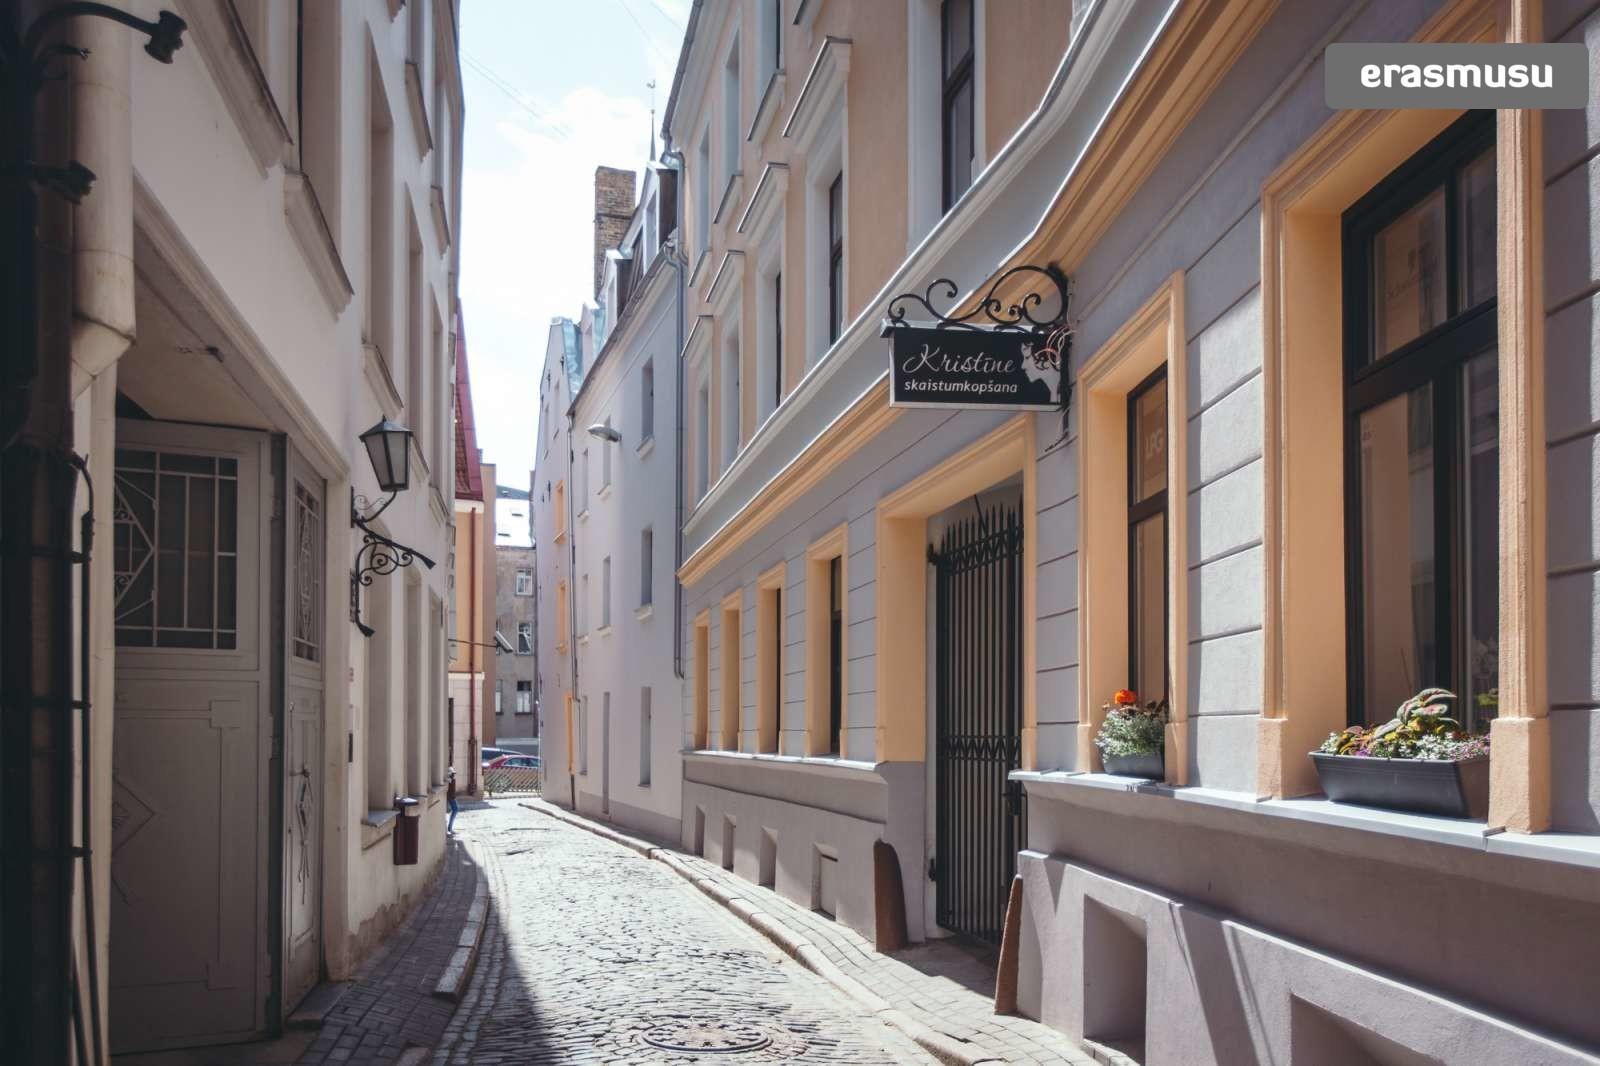 stylish-studio-apartment-rent-vecriga-2cd3889611d54a8a6fb2e766c8